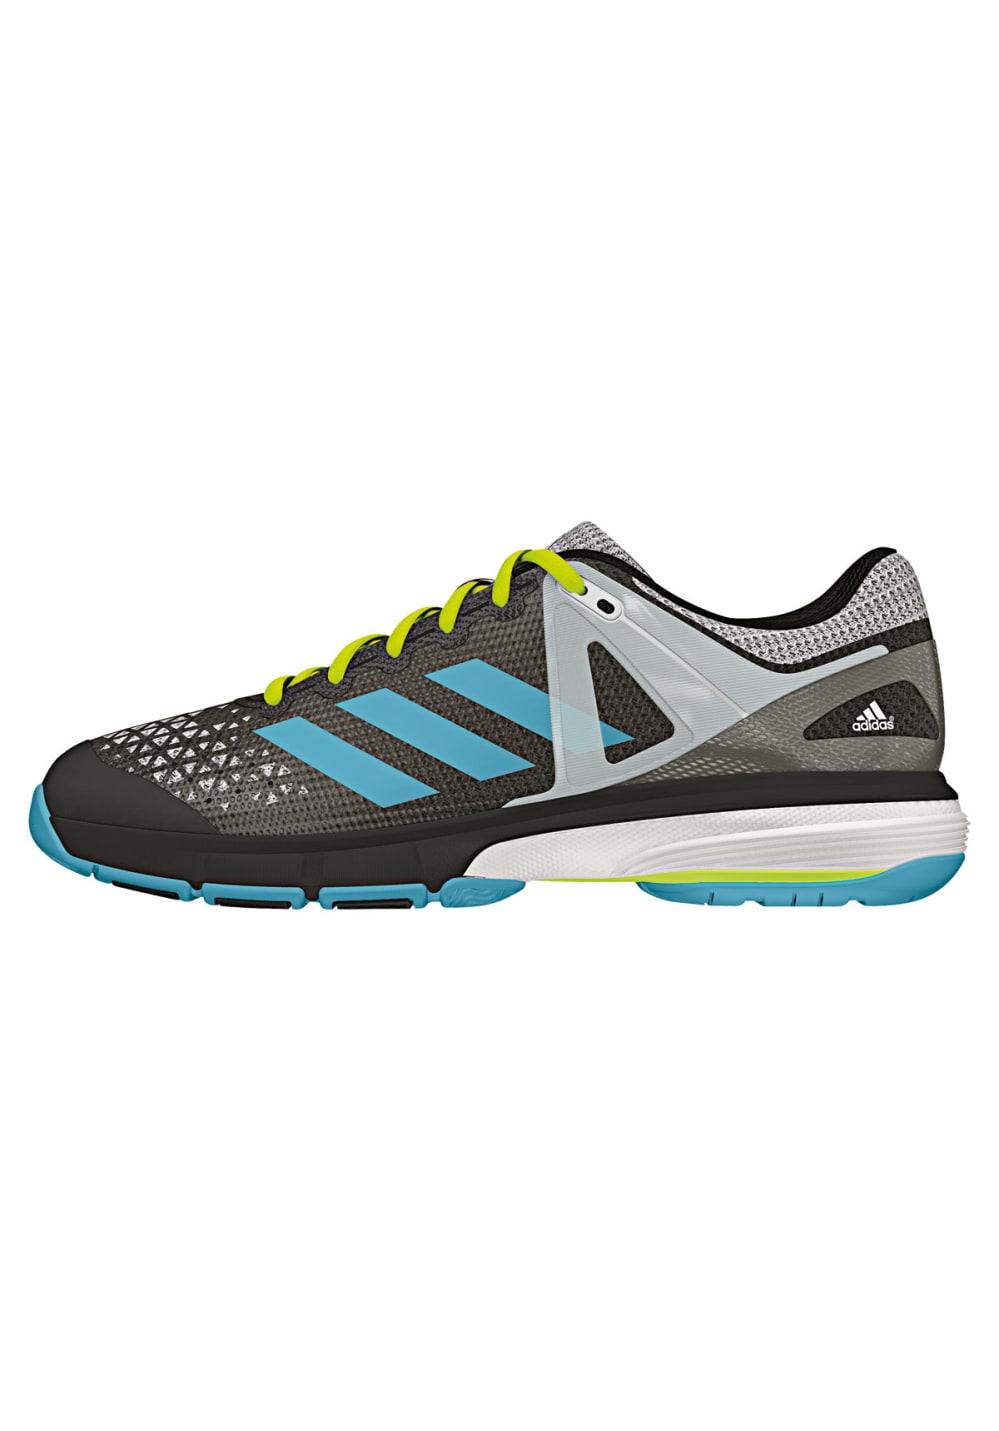 adidas Court Stabil 13 - Handballschuhe für Damen - Schwarz